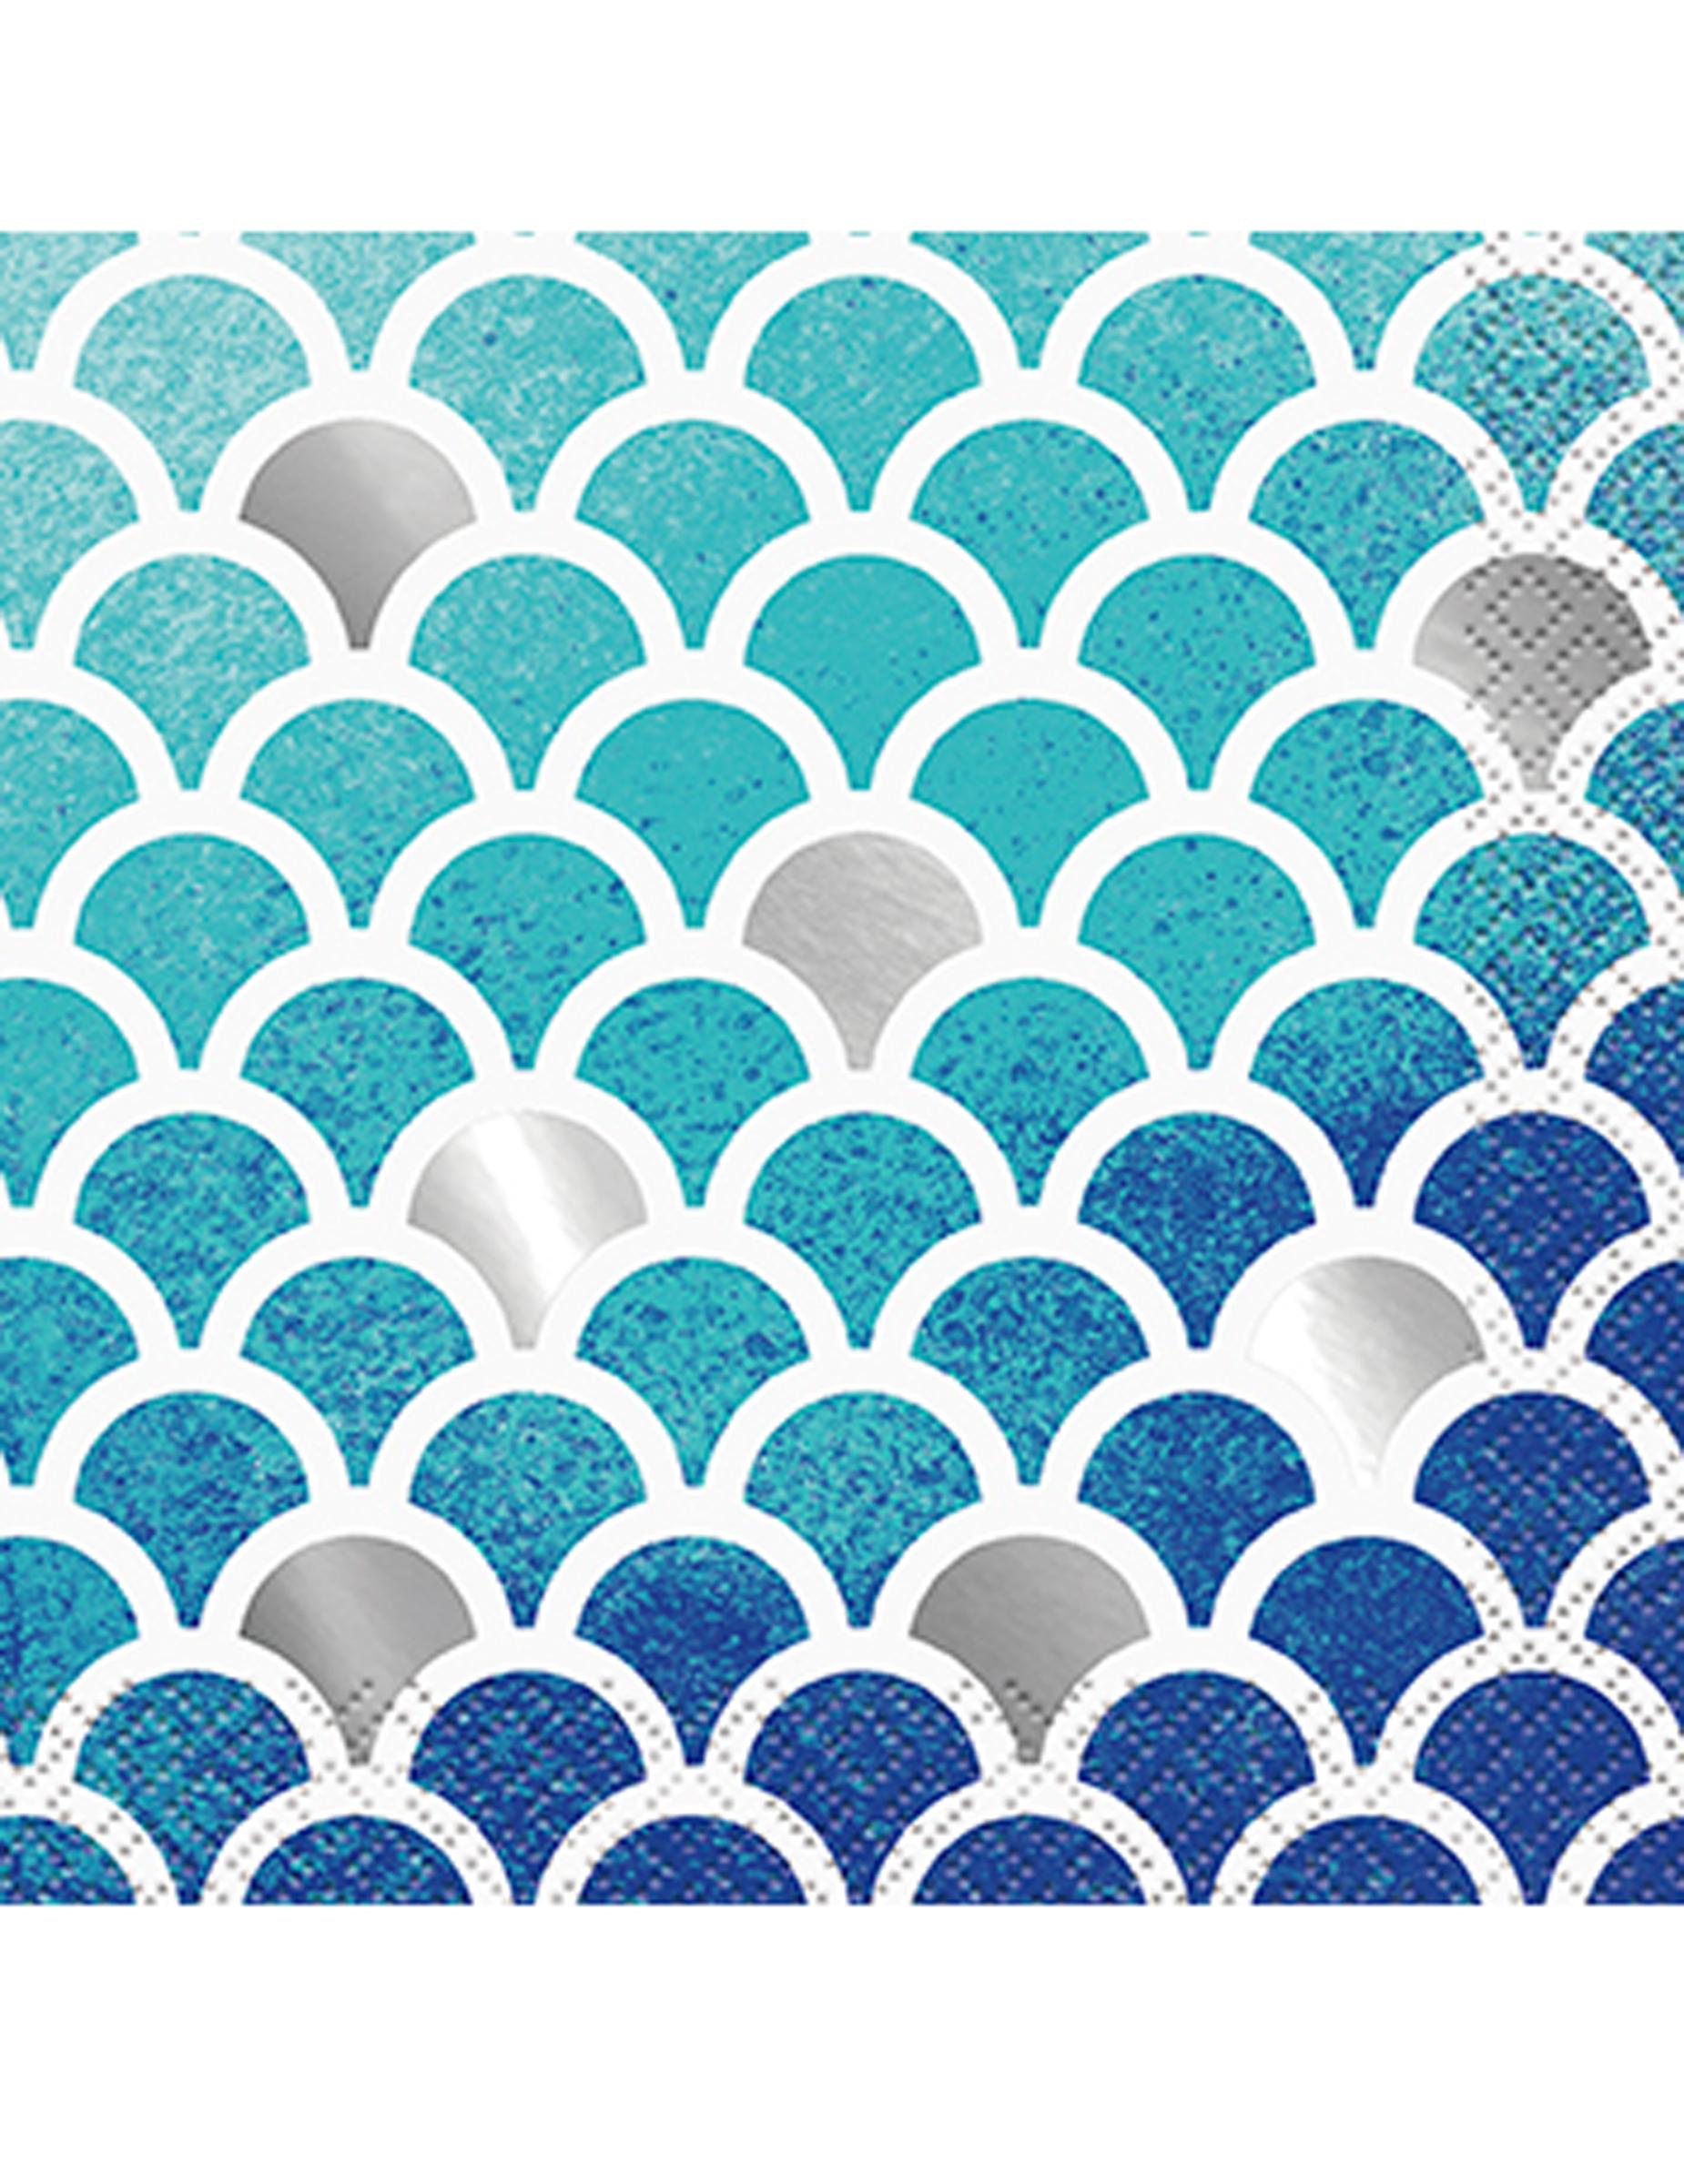 Serviettes En Papier Originales 16 petites serviettes en papier sirène 24.5 x 24.5 cm, décoration  anniversaire et fêtes à thème sur vegaoo party